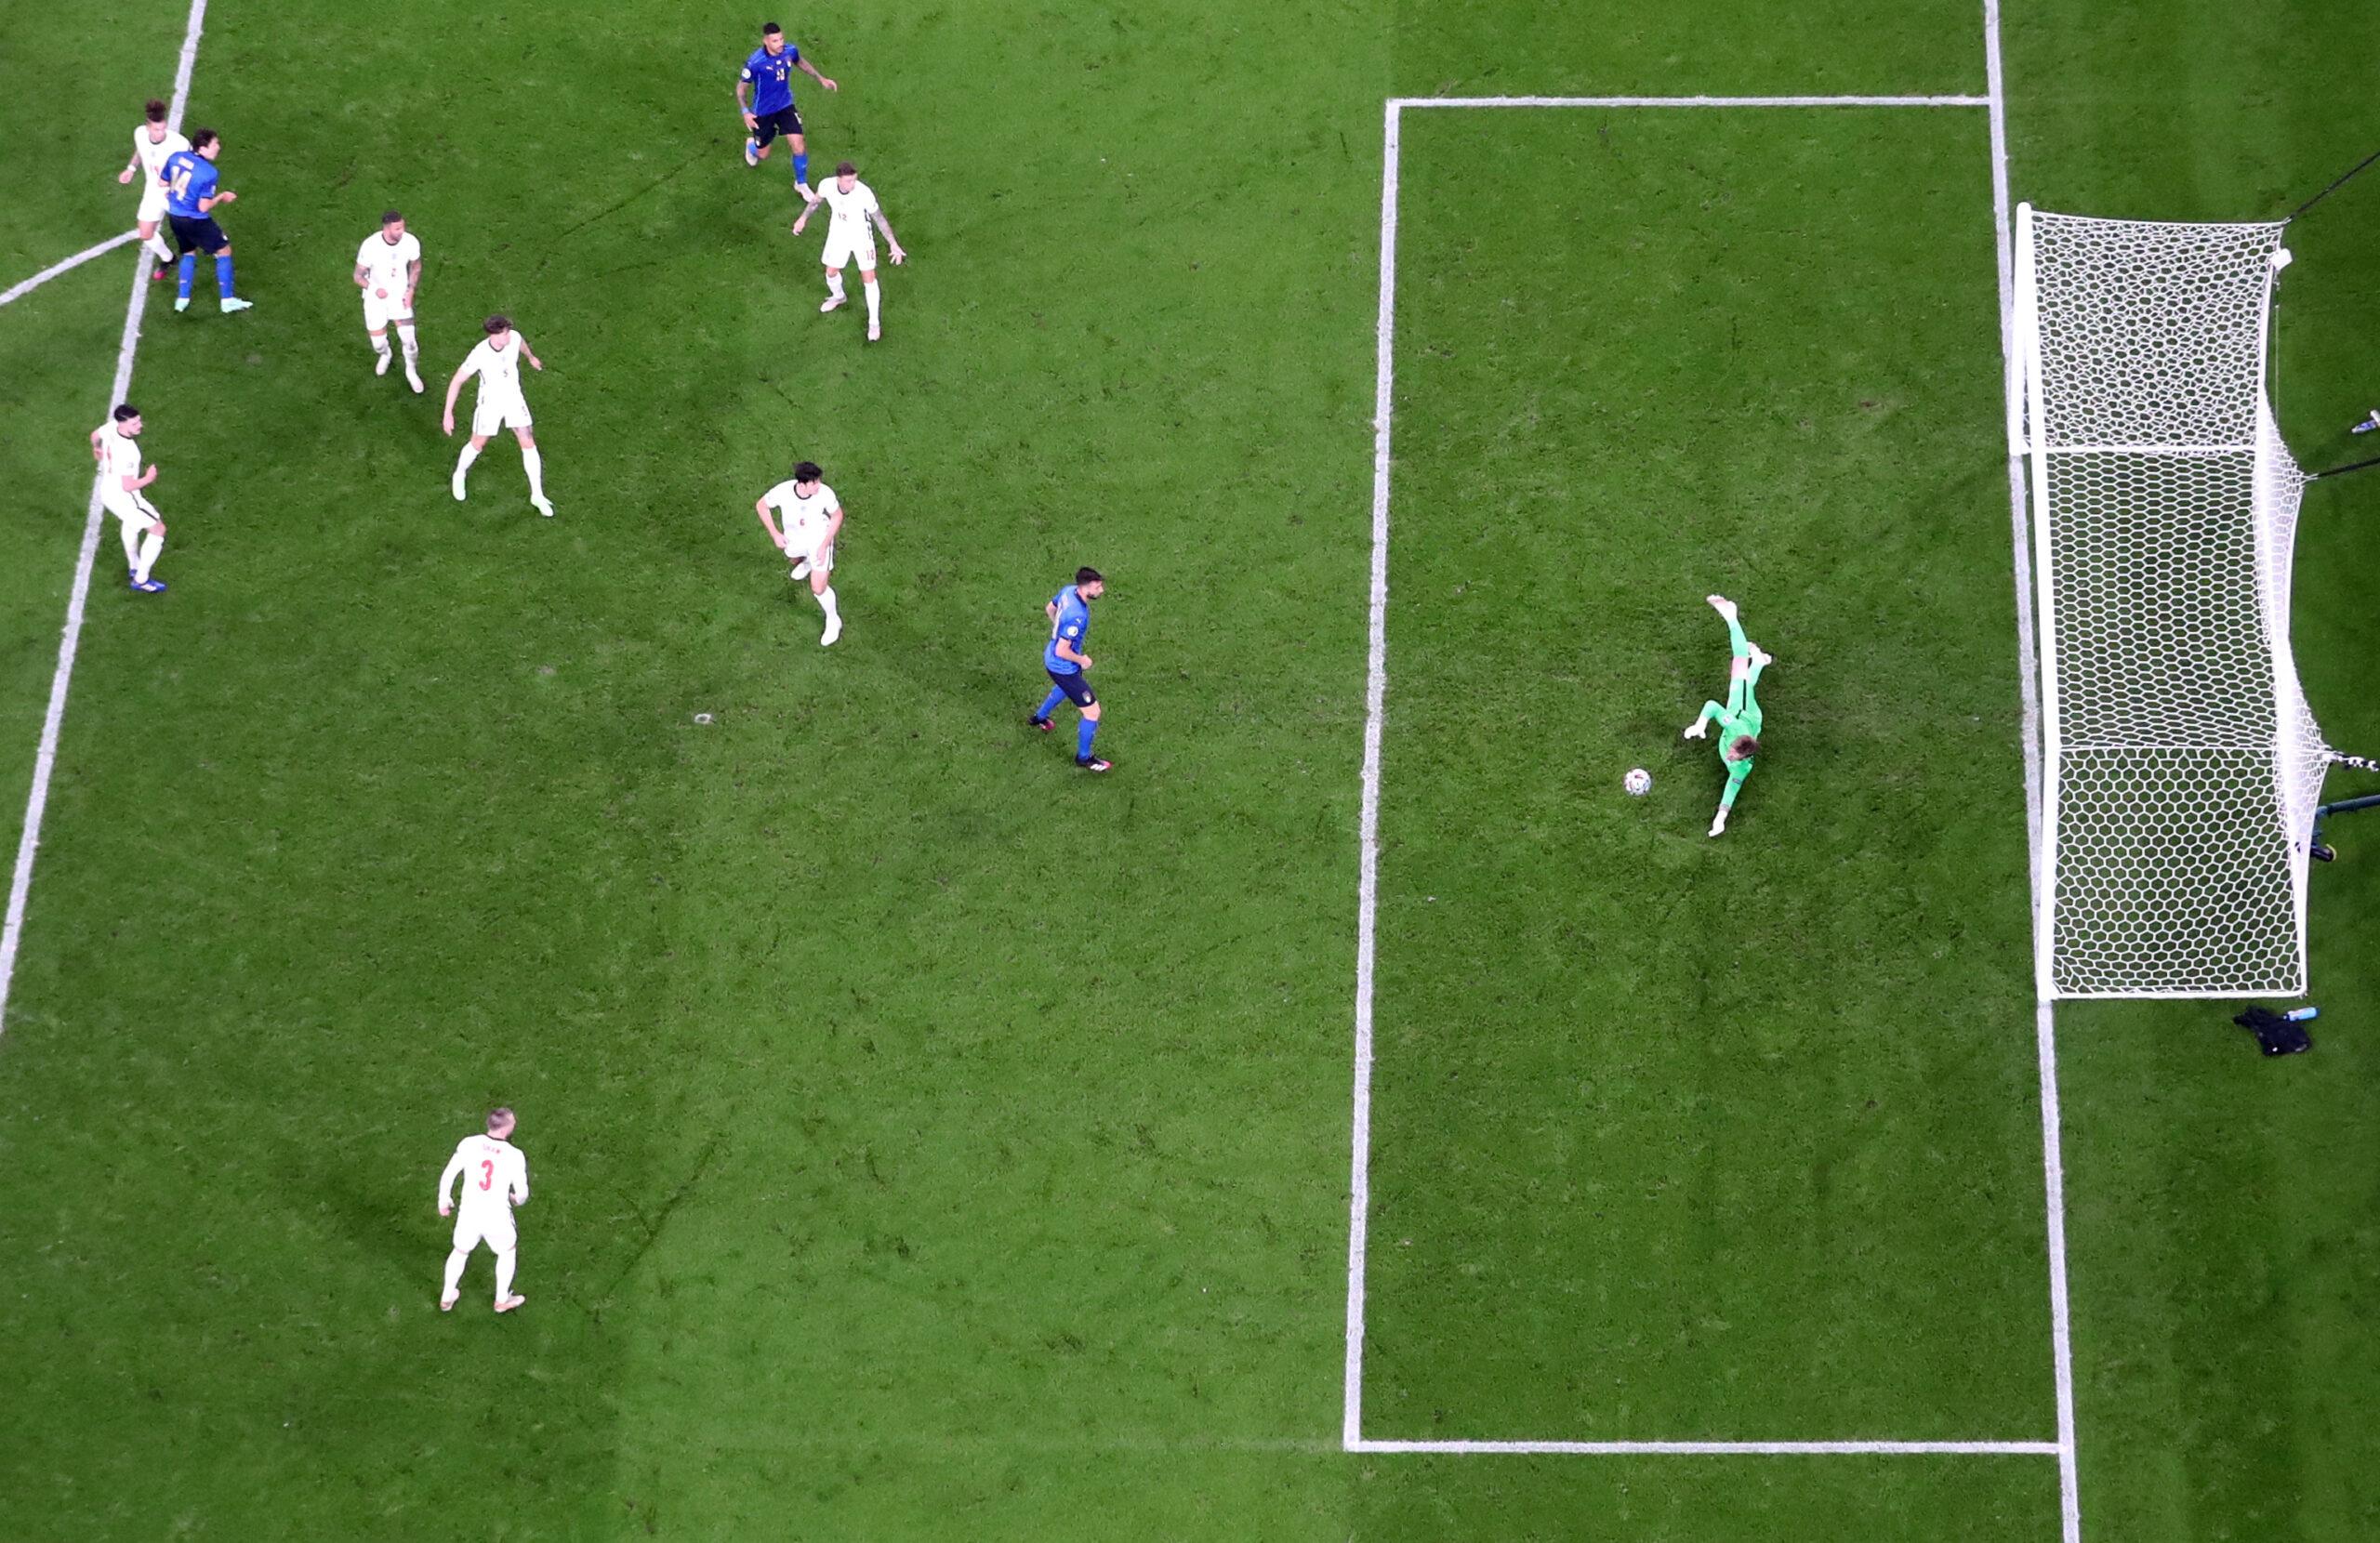 фінал Італія-Англія Євро 2020